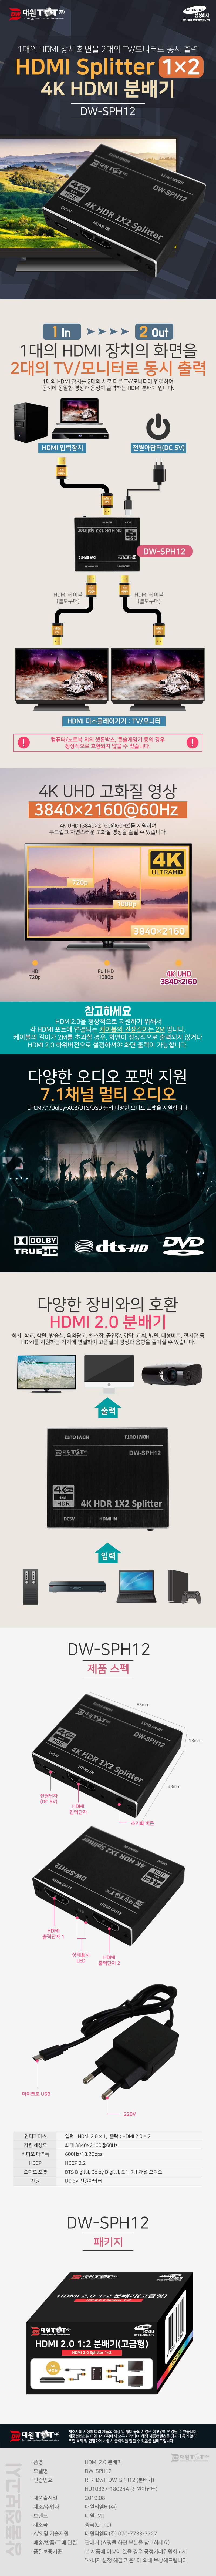 대원TMT  1:2 HDMI 2.0 분배기 (DW-SPH12)